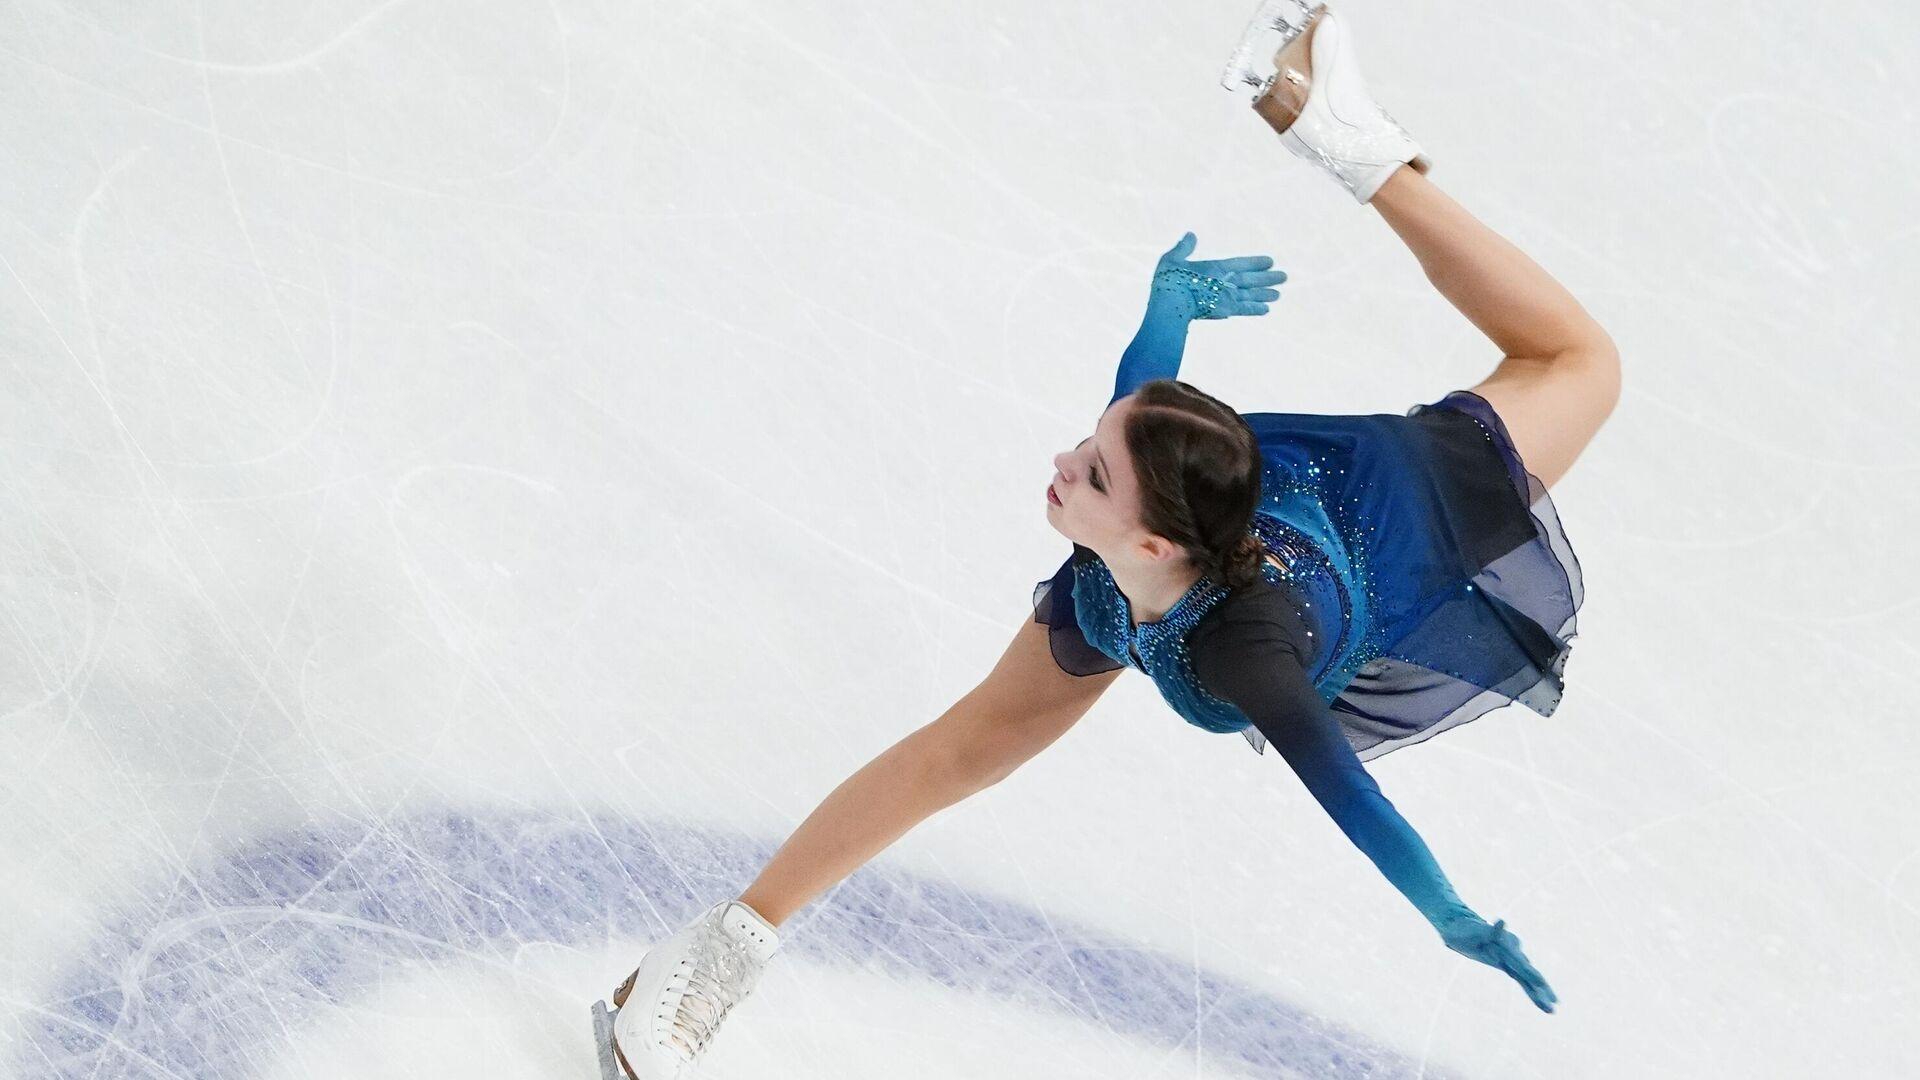 Anna Shcherbakova, campeona mundial de patinaje artístico - Sputnik Mundo, 1920, 26.03.2021